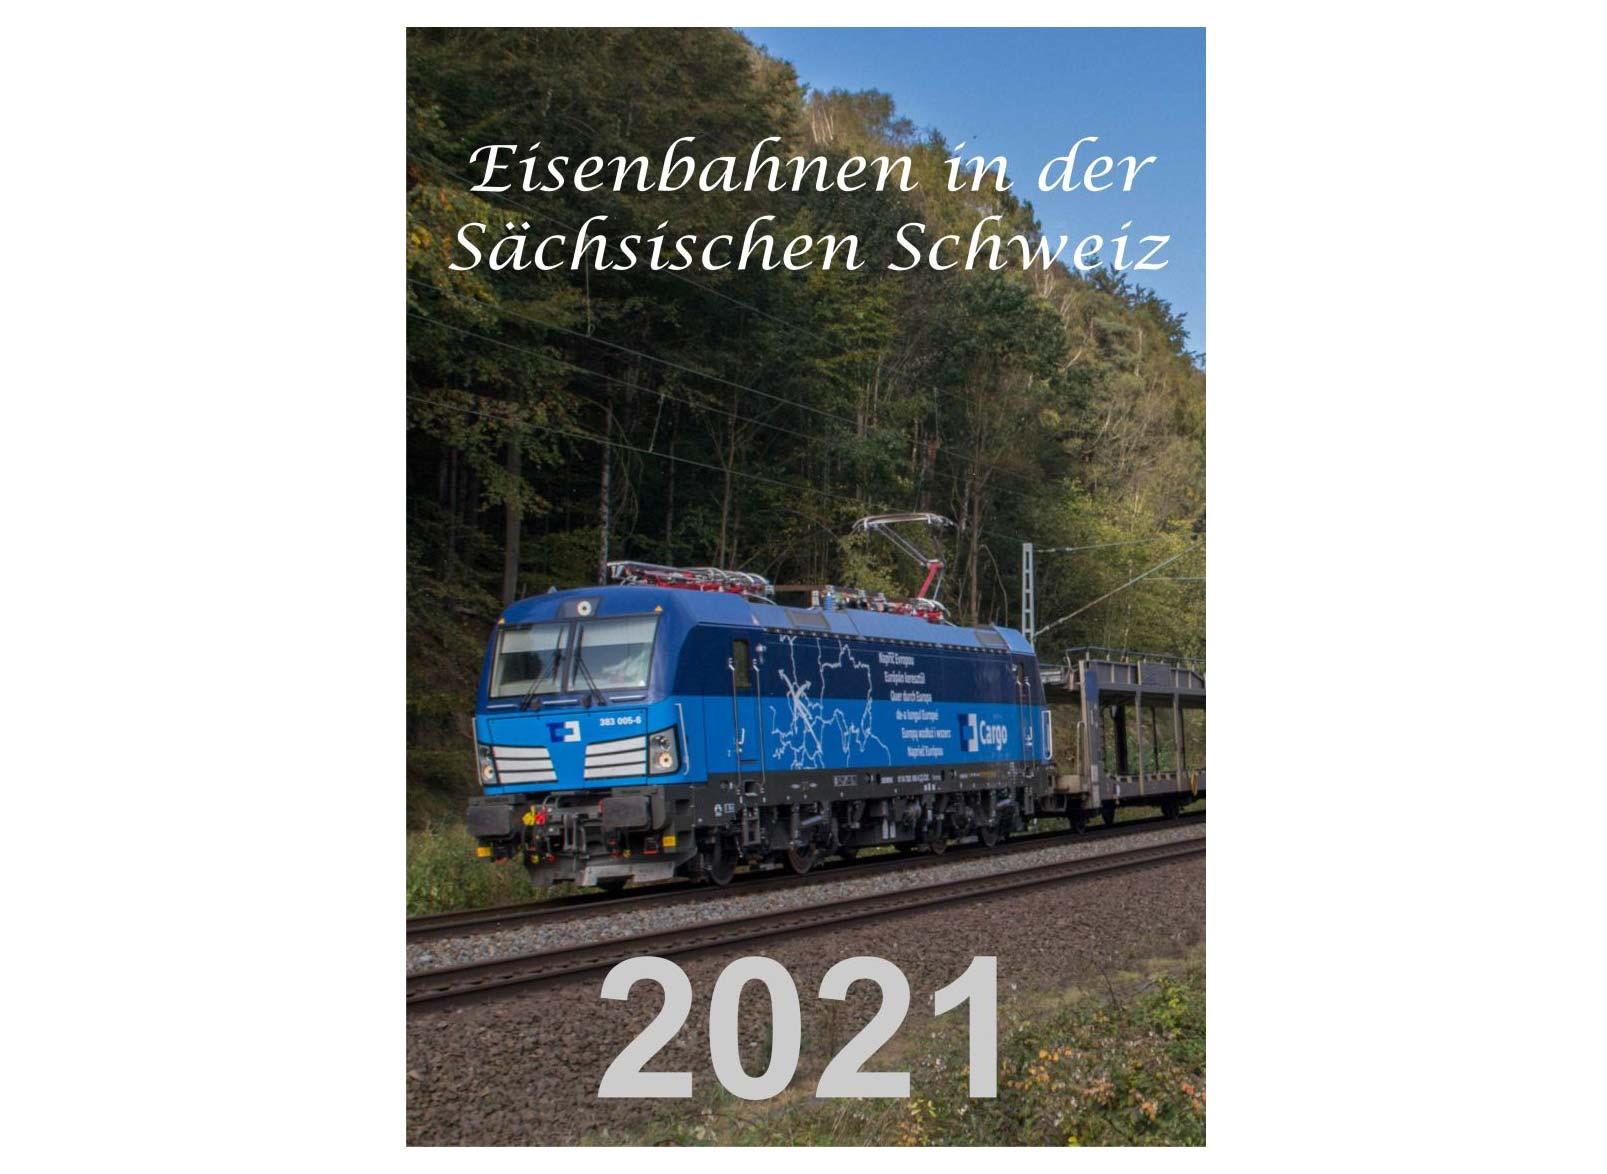 Eisenbahn Planer 2021 - Eisenbahn in der Sächsichen Schweiz